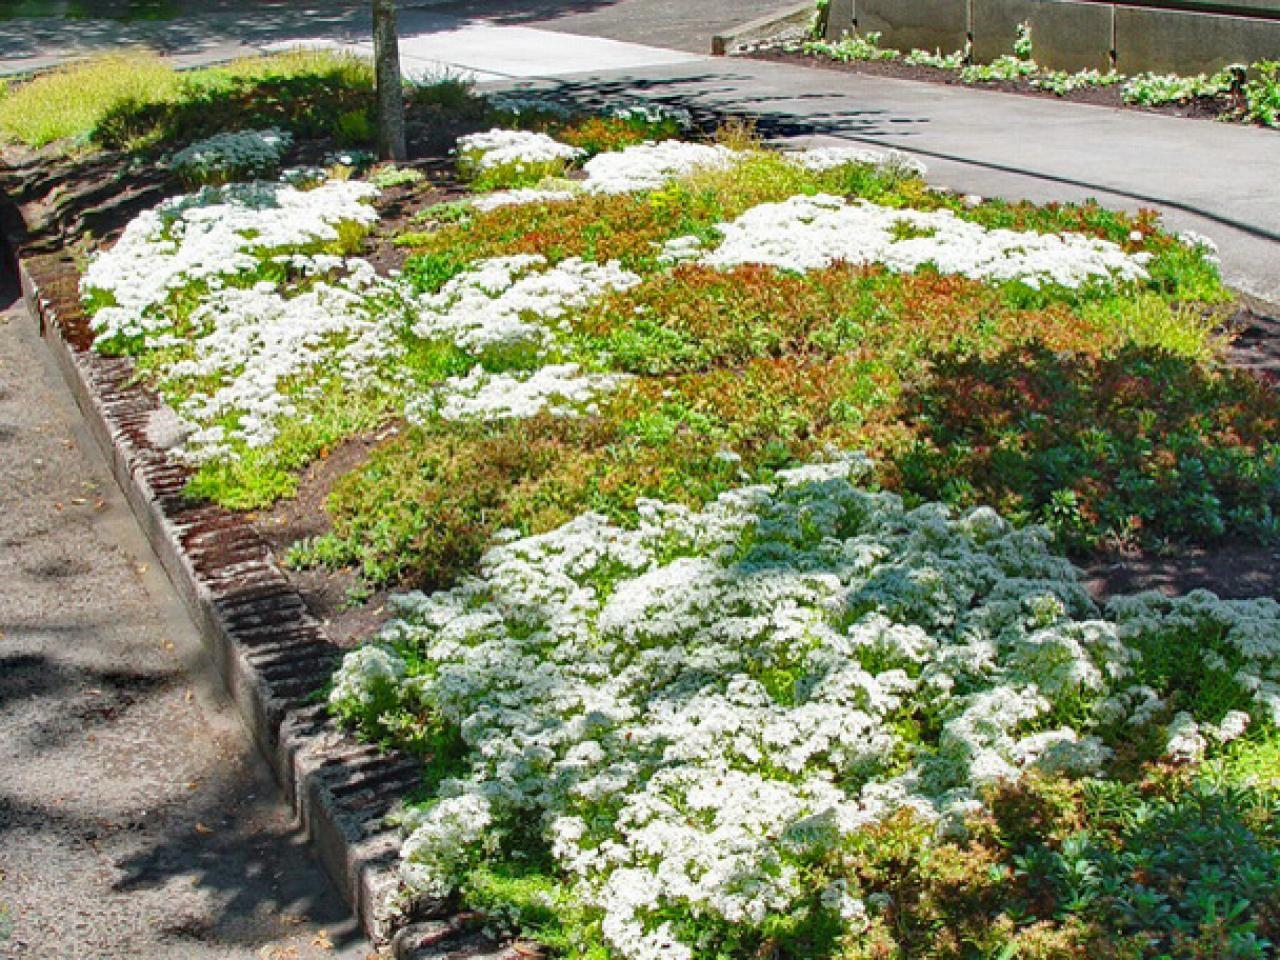 lawn alternative: coral carpet sedum (sedum album 'coral carpet